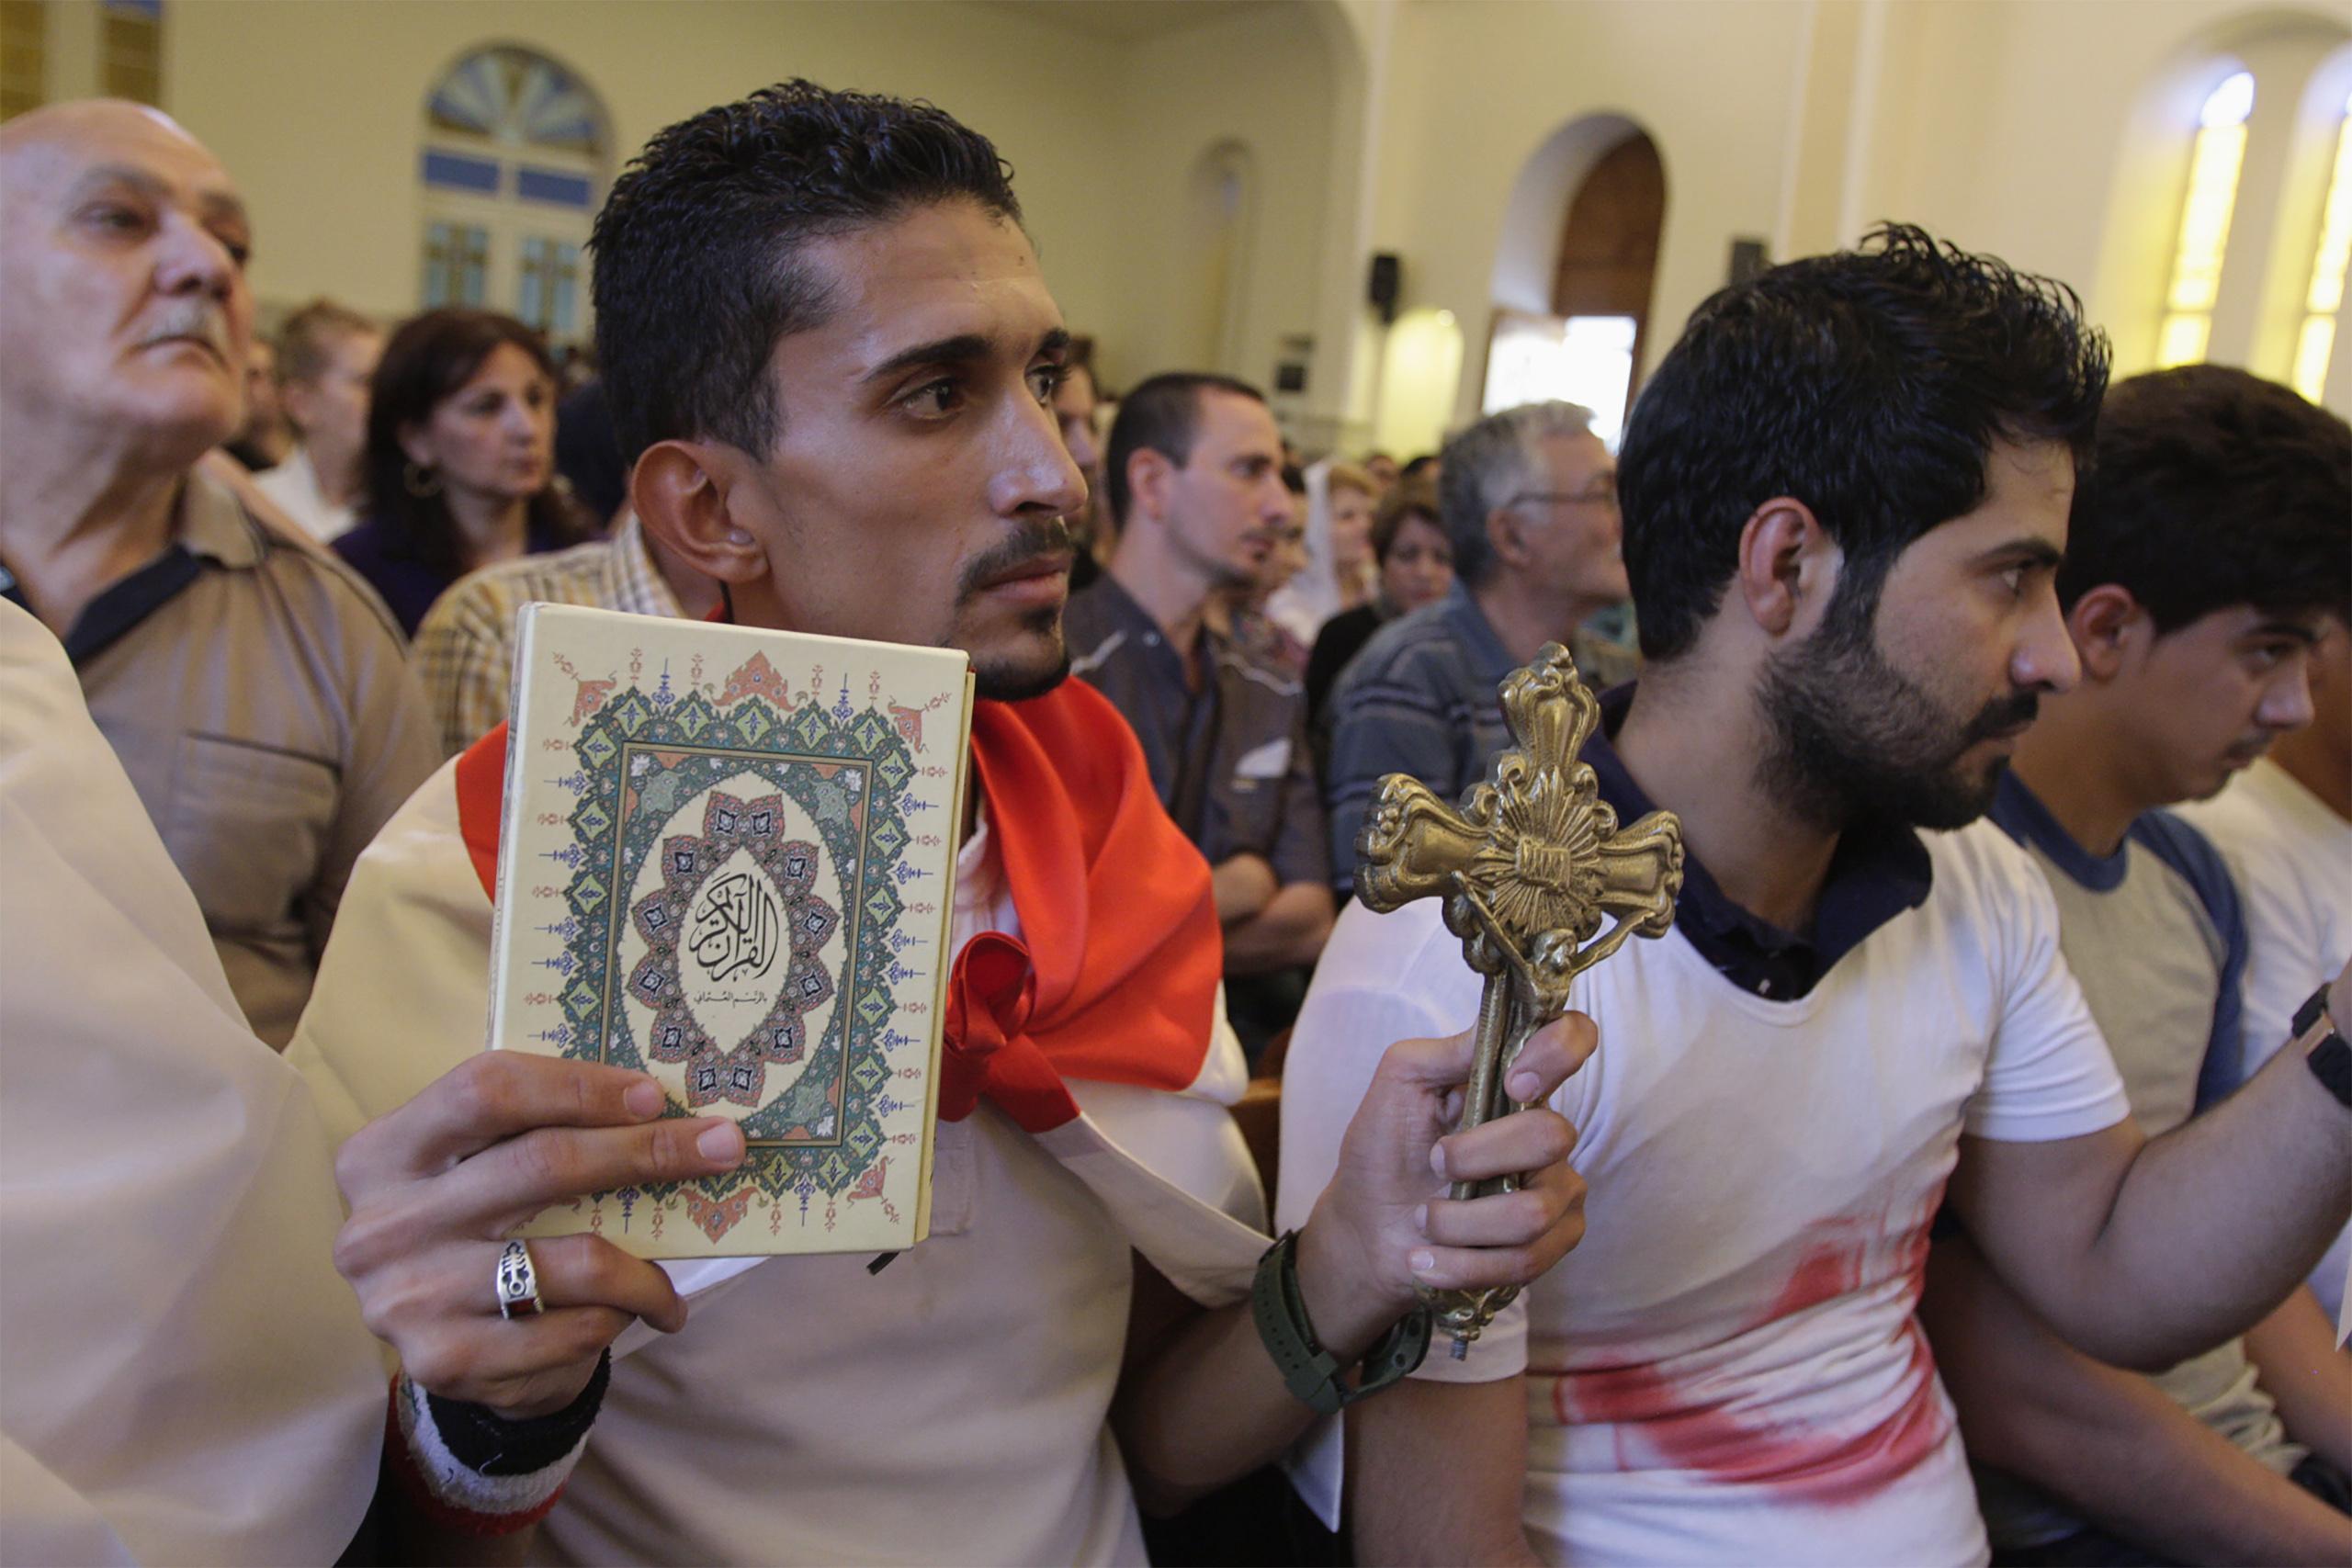 « Cela se passe juste sous nos yeux » : Un ministre iranien reconnaît publiquement que le christianisme se répand en Iran (Vidéo - 1 min) 160312-macdiarmid-iraq-christianity-tease_qhlw6s